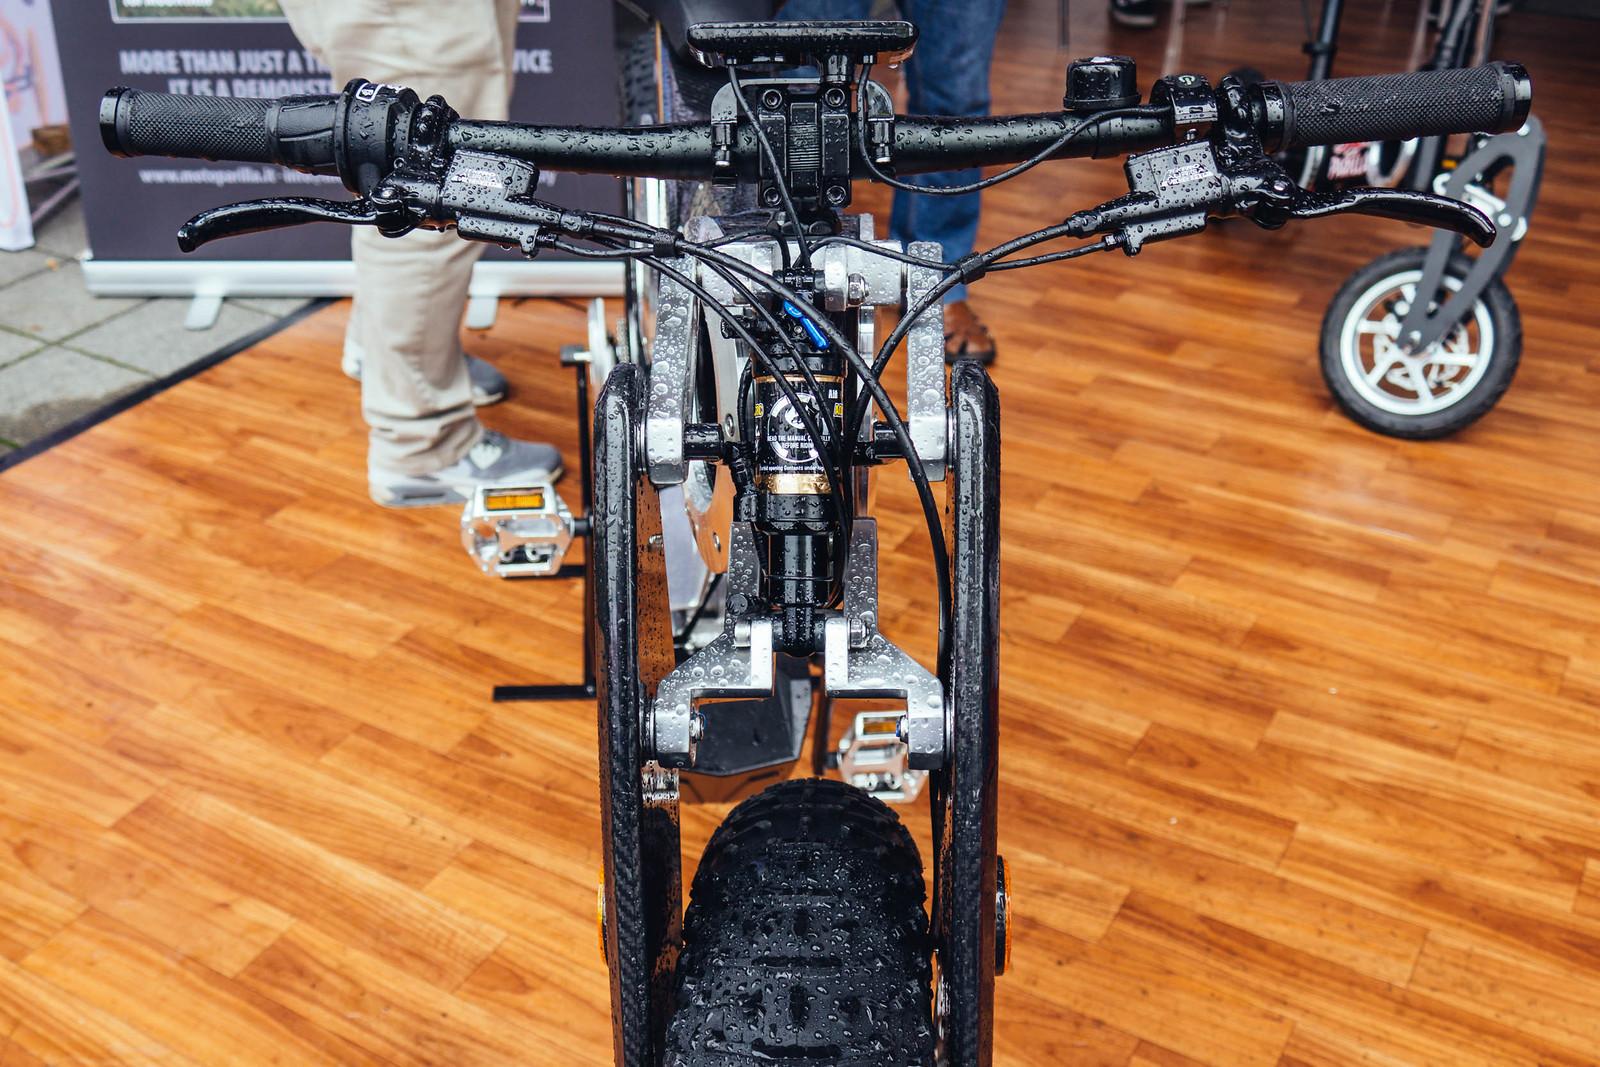 Shocking - iceman2058 - Mountain Biking Pictures - Vital MTB